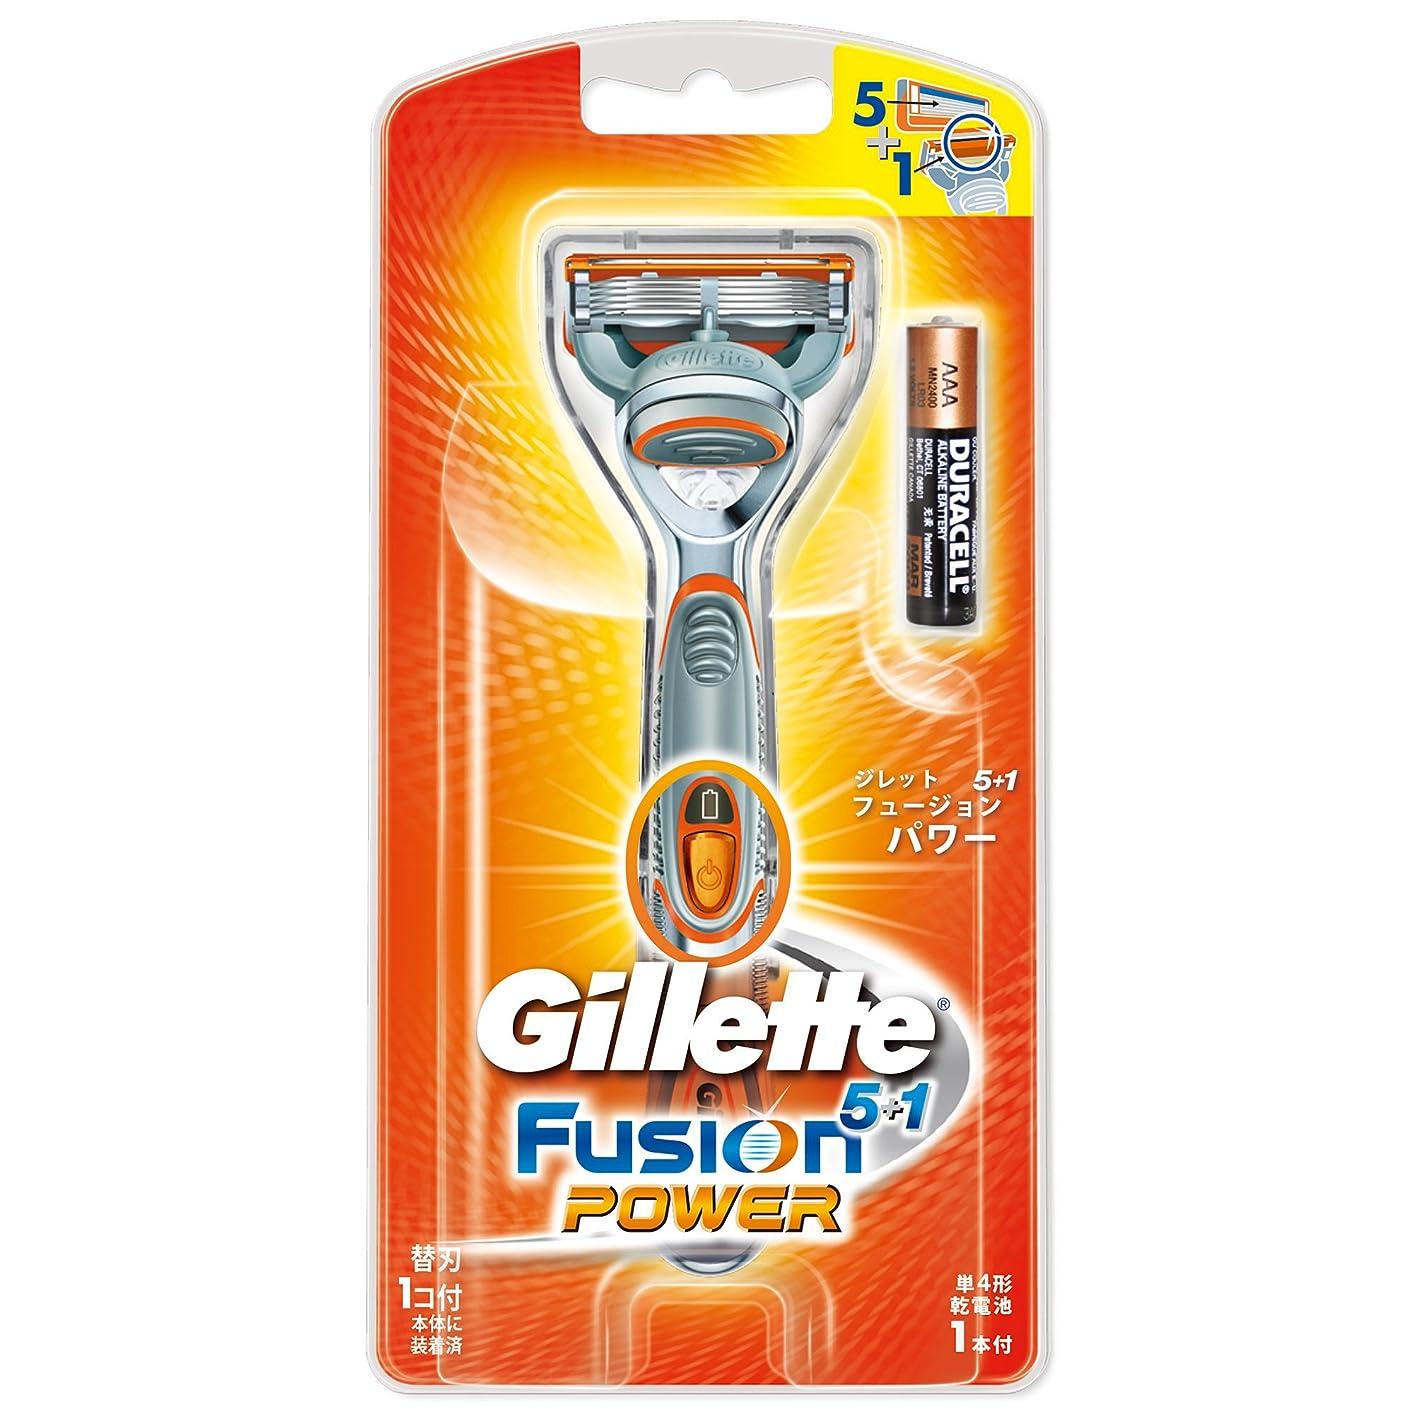 ウェイド影のあるドラフトジレット 髭剃り フュージョン5+1 パワー 本体